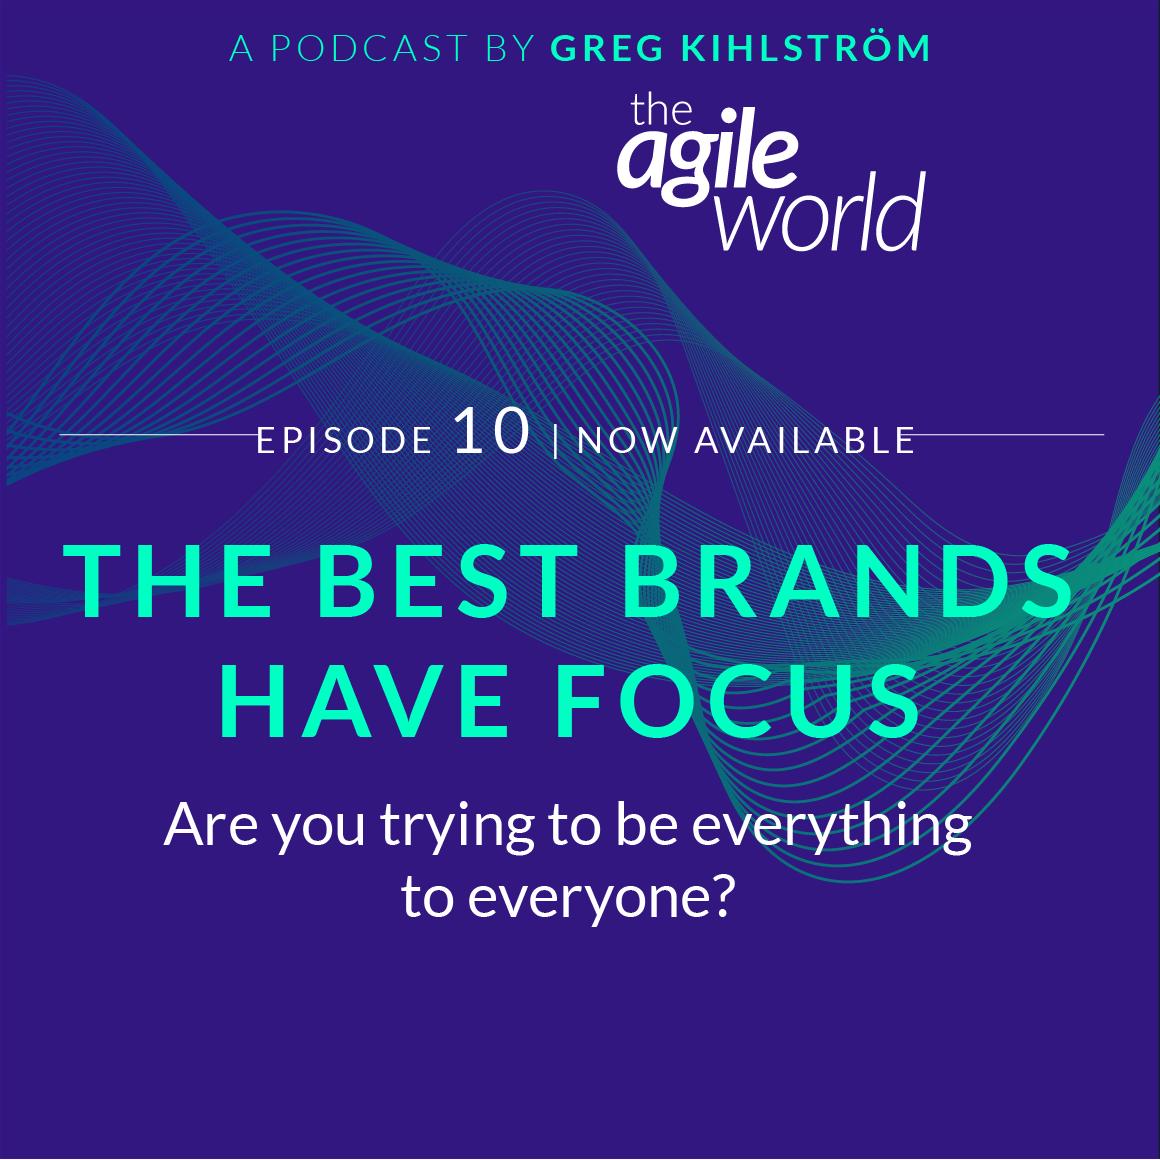 TheAgileWorld-GregKihlstrom-Episode-10.png